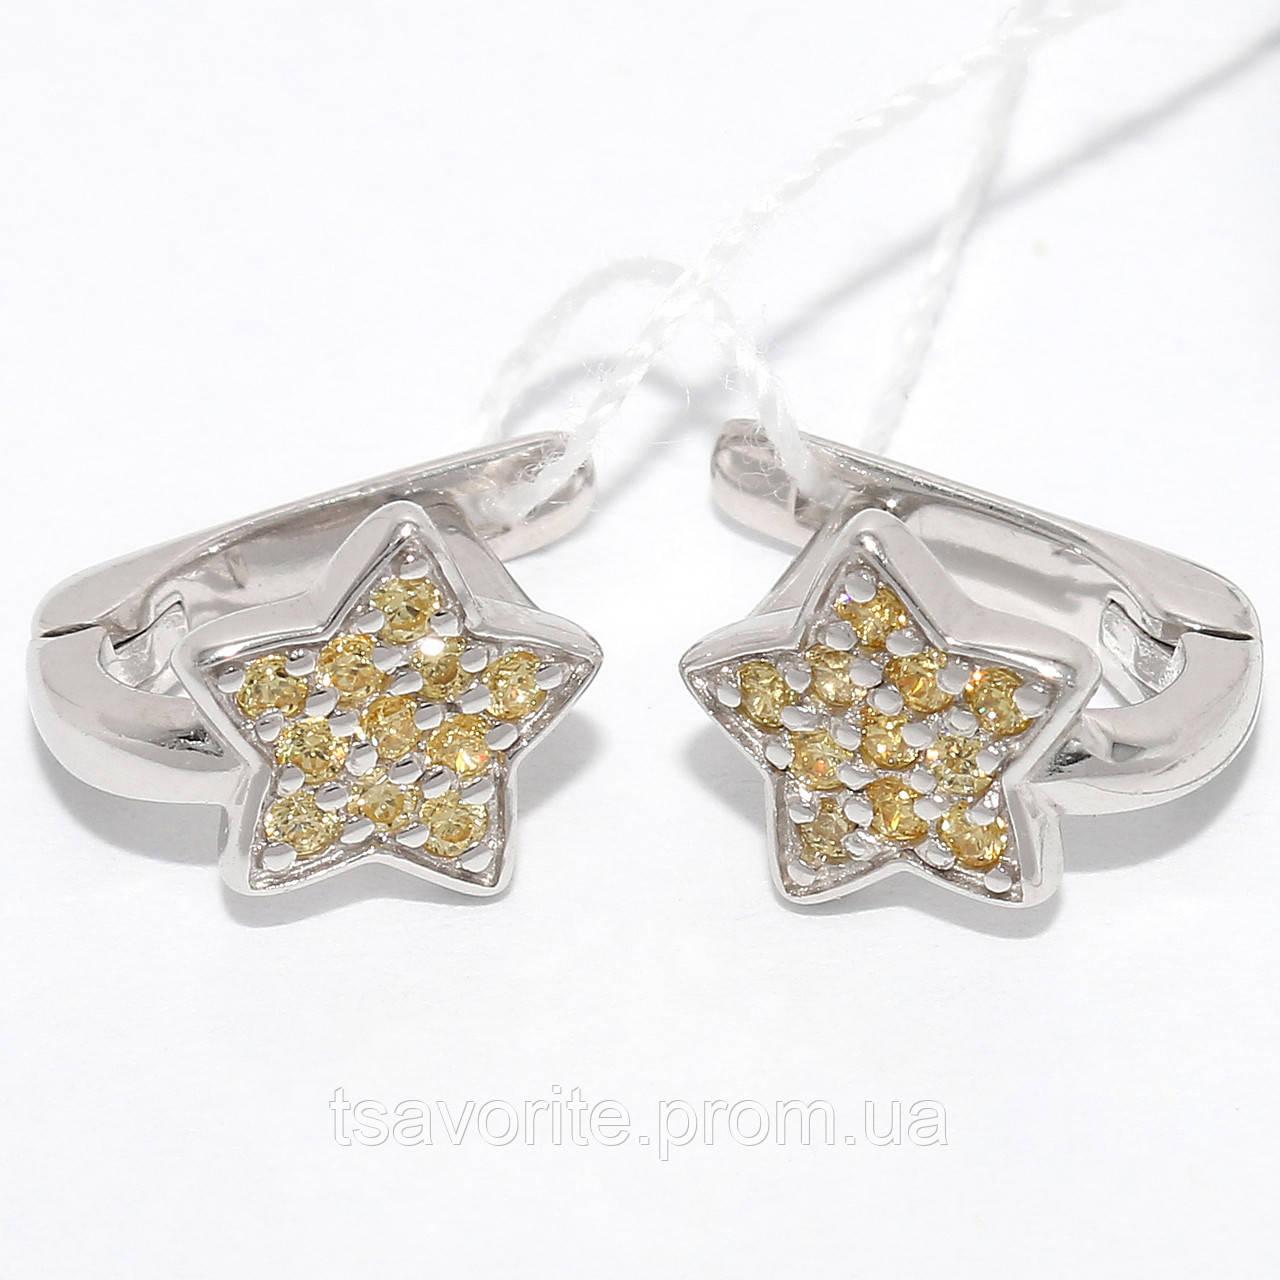 Серебряные серьги СЖХ-35